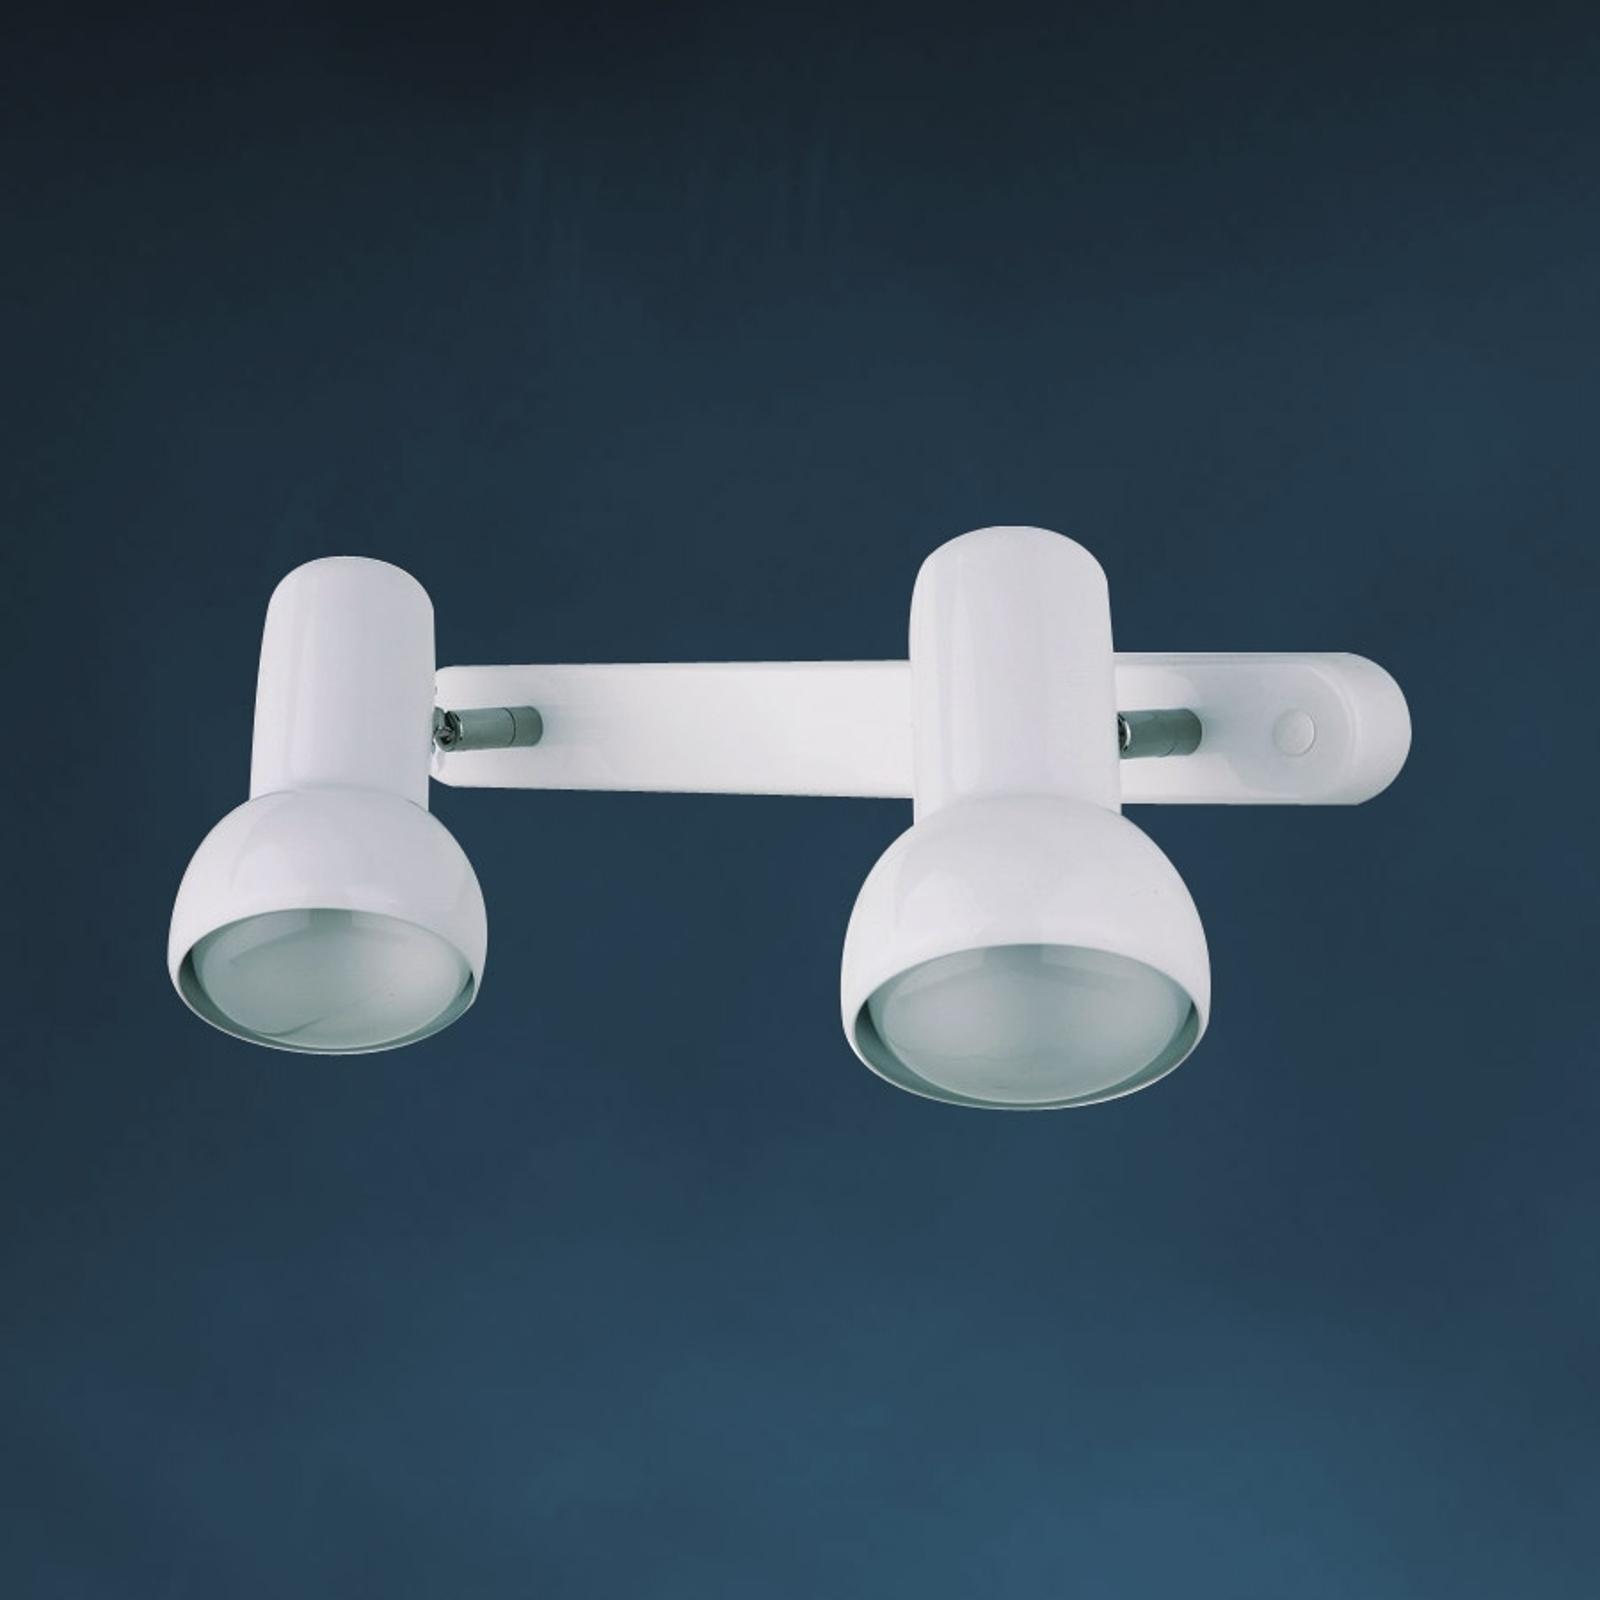 Applique EIFEL à 2 lampes design rétro